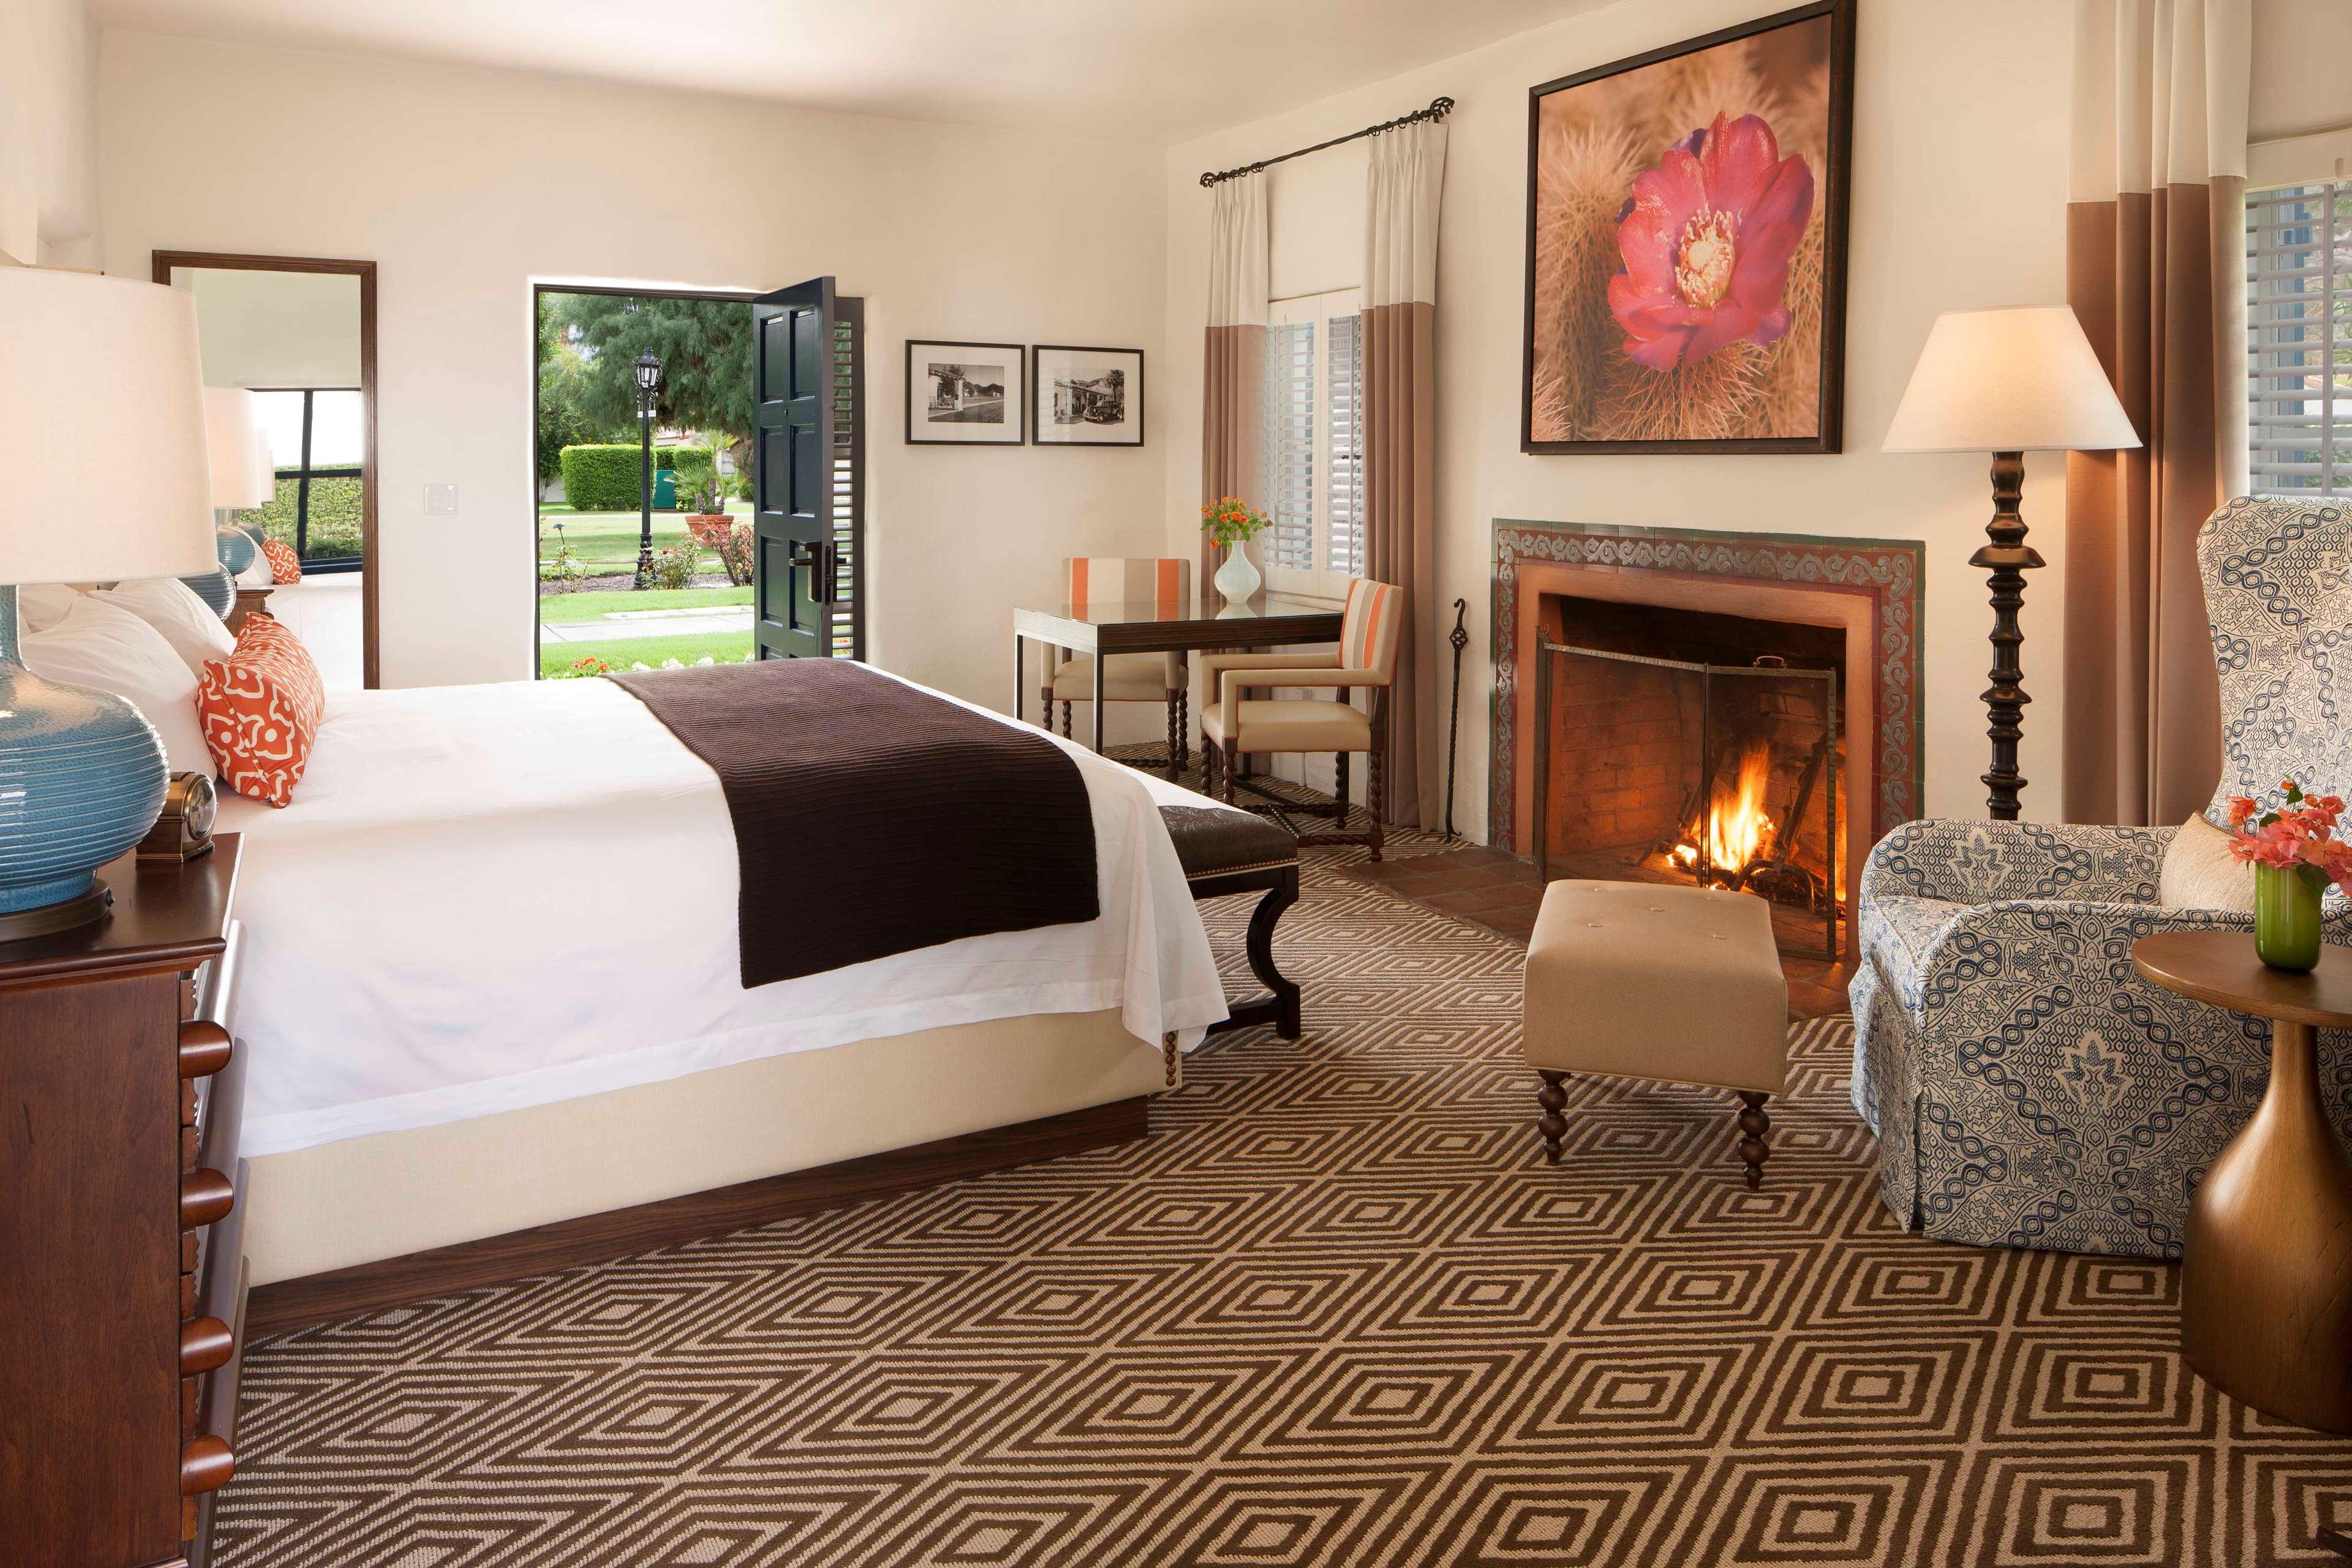 La Quinta Resort & Club, A Waldorf Astoria Resort image 19